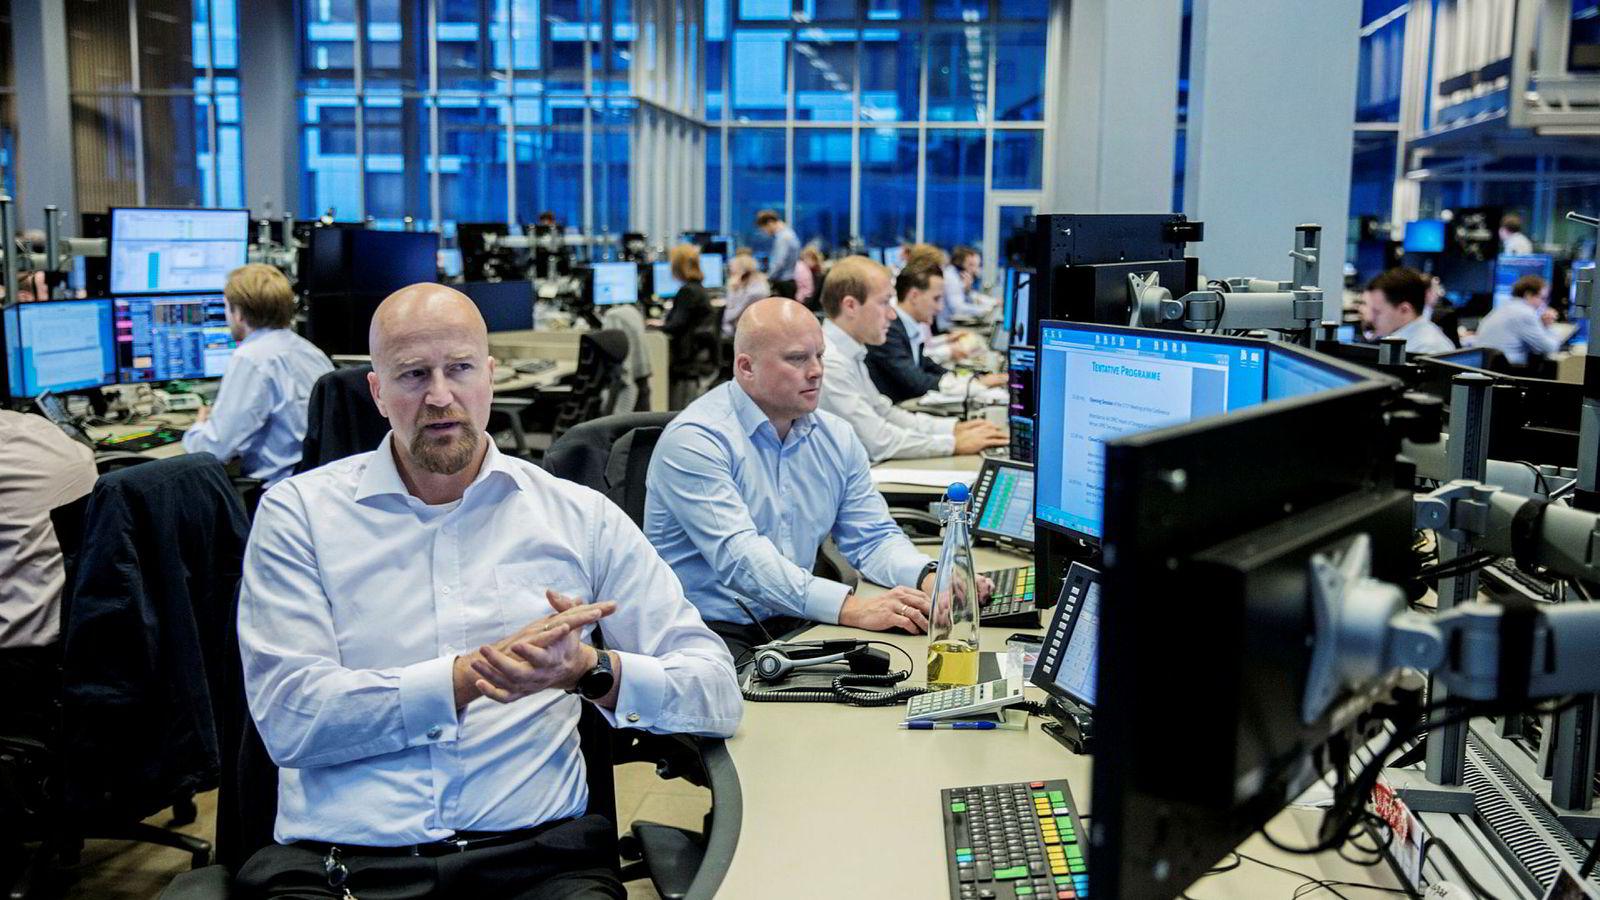 Oljeanalytiker Torbjørn Kjus og råvaresjef Nils Fredrik Hvatum i DNB Markets sitter spente på råvaredesken hos DNB Markets i forkant av oljekartellet Opecs toppmøte i november i fjor.